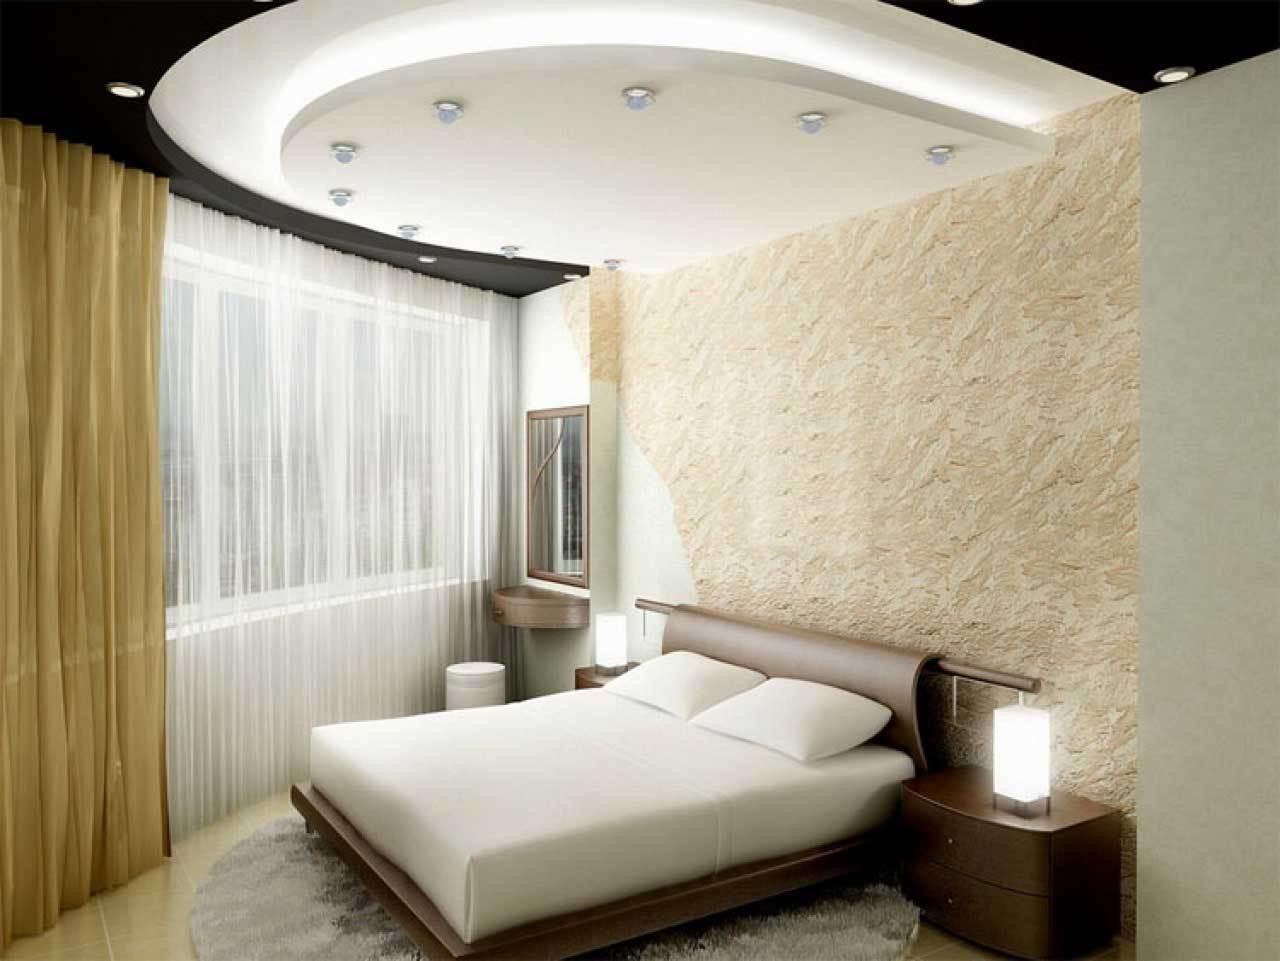 Сделайте акценты на достоинствах комнаты: красивыми шторами подчеркните большое окно или сделайте частью интерьера панораму, открывающуюся из него.